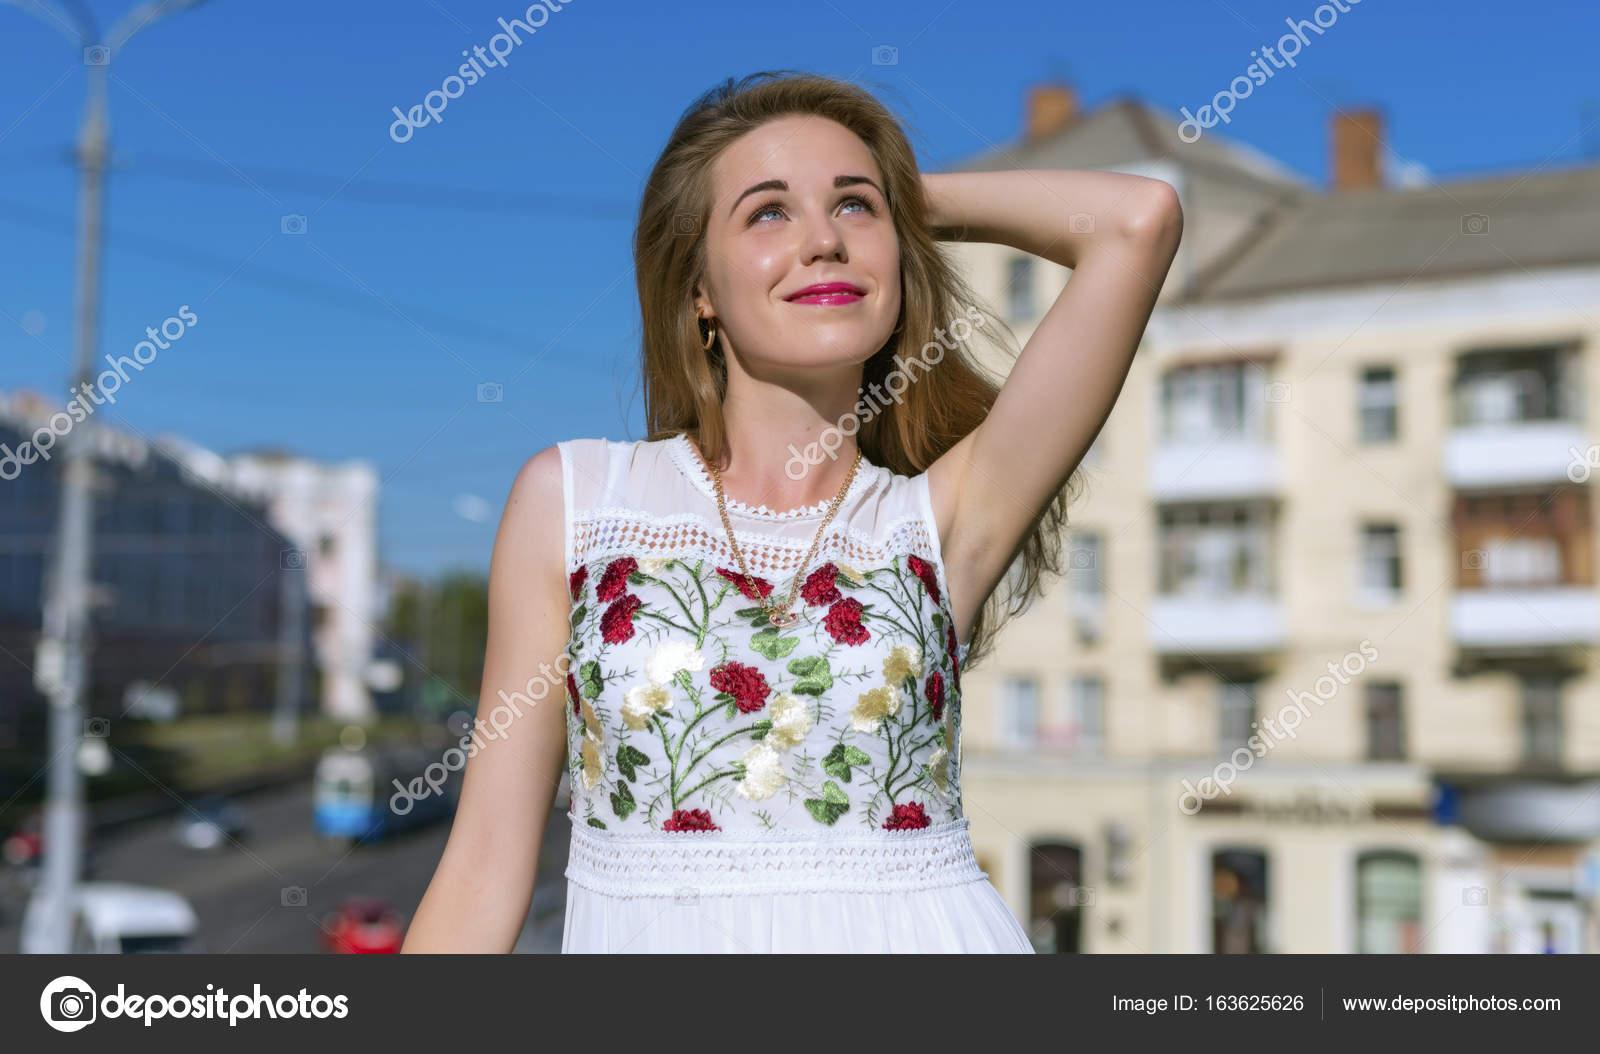 belle fille jouir XVideo lesbienne orgie